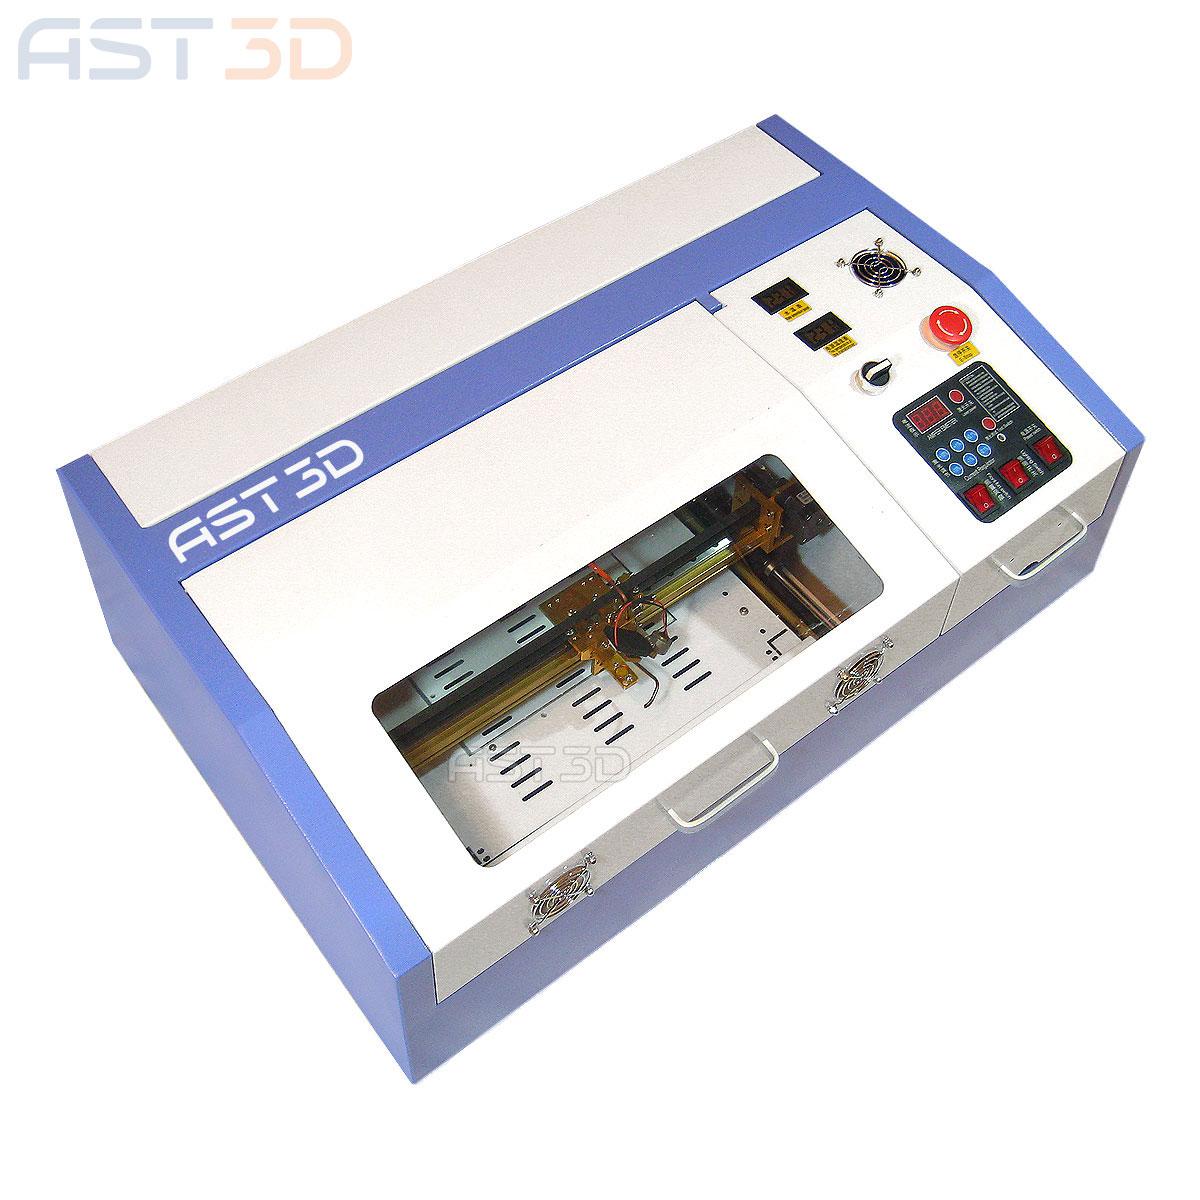 Лазерный станок 40Вт CO2 AST3D 0302 (3020) купить Киев, Запорожье, Днепр, Харьков